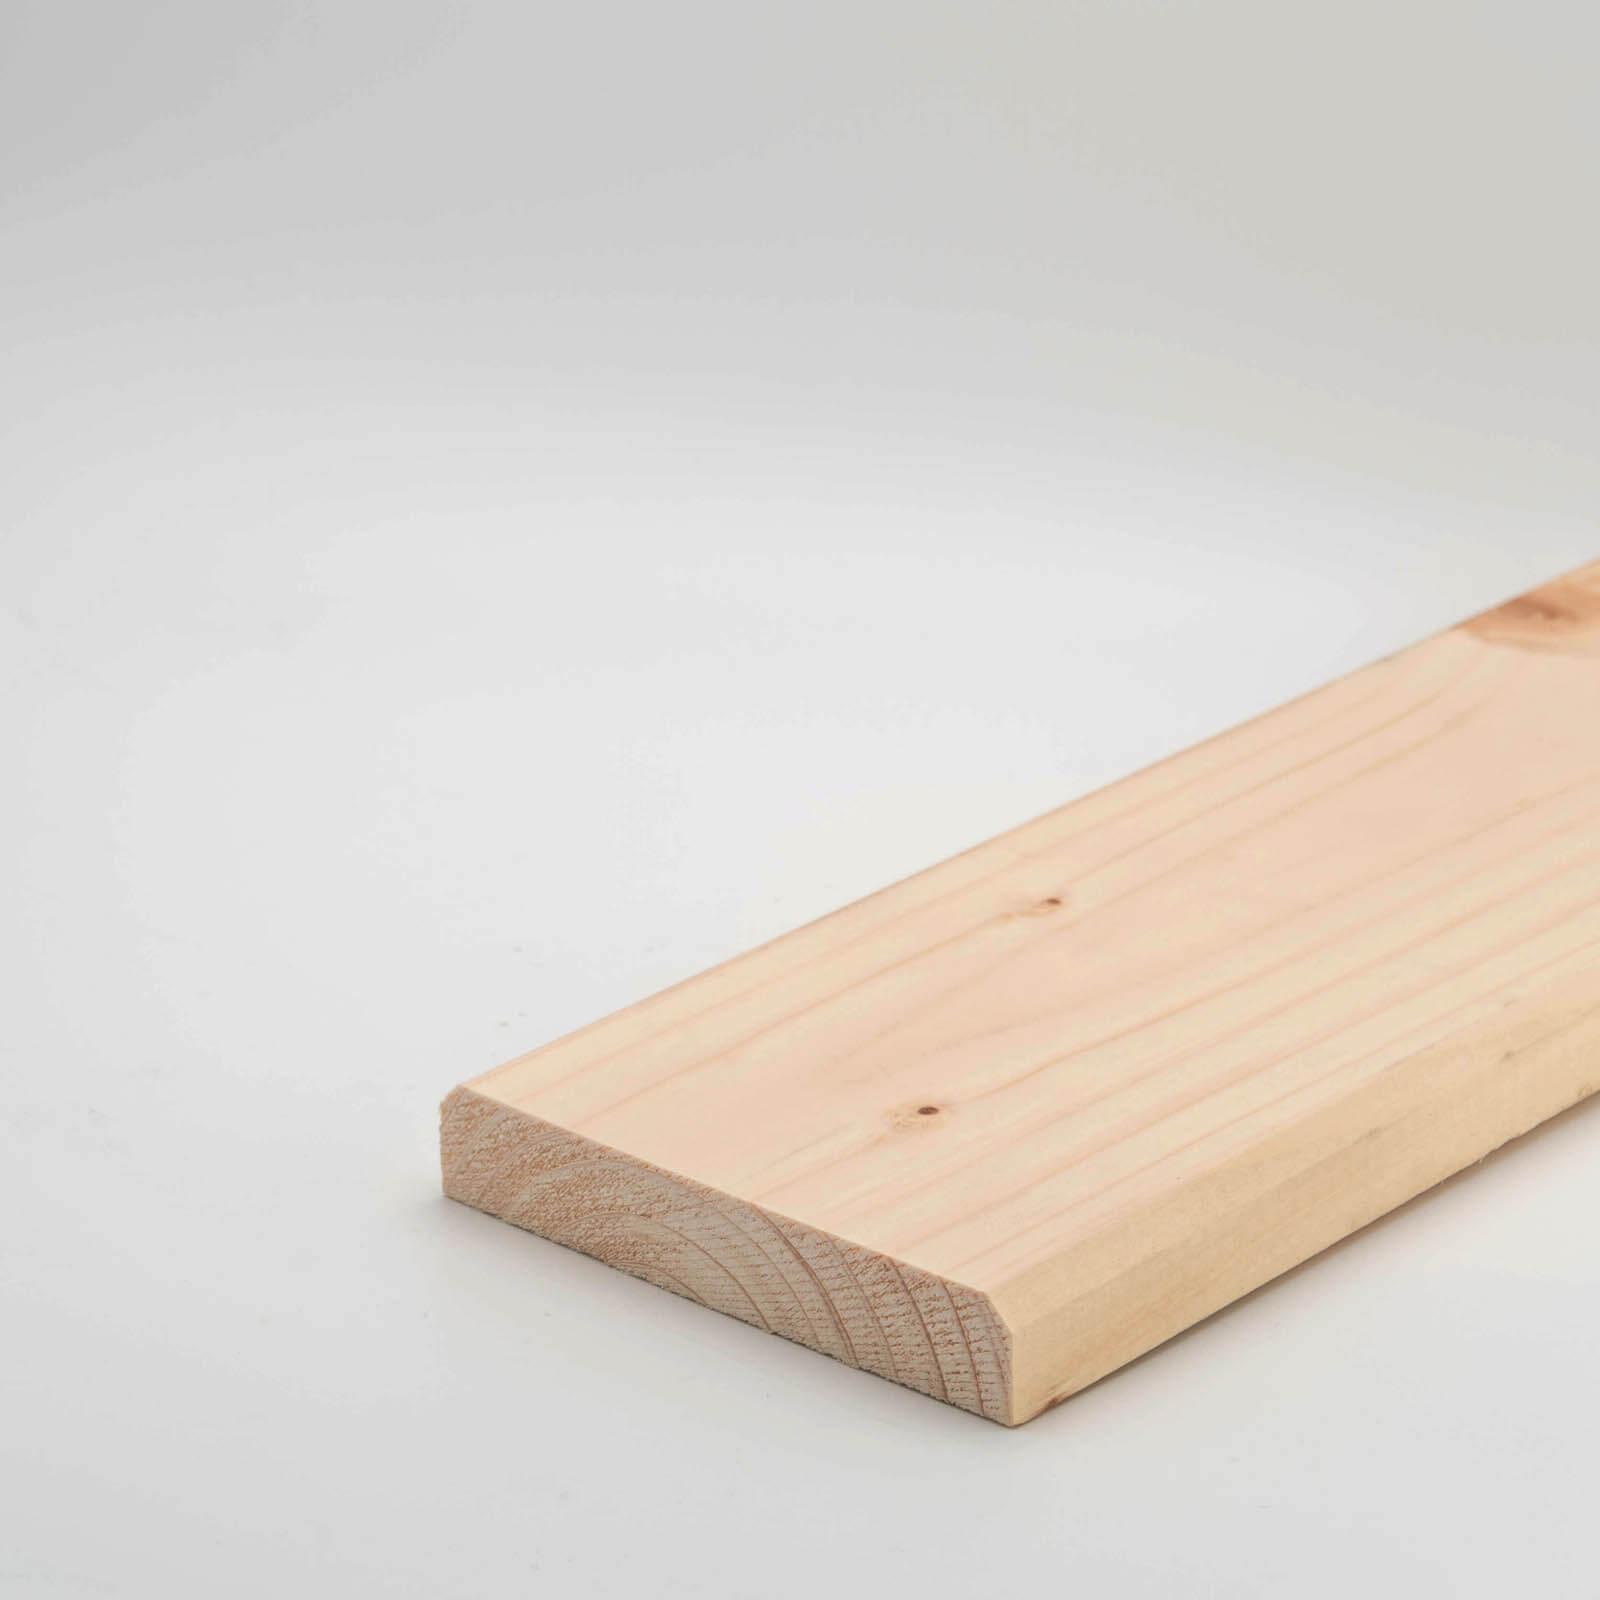 stiristransko-hoblane-deske-smreka-krancic-01